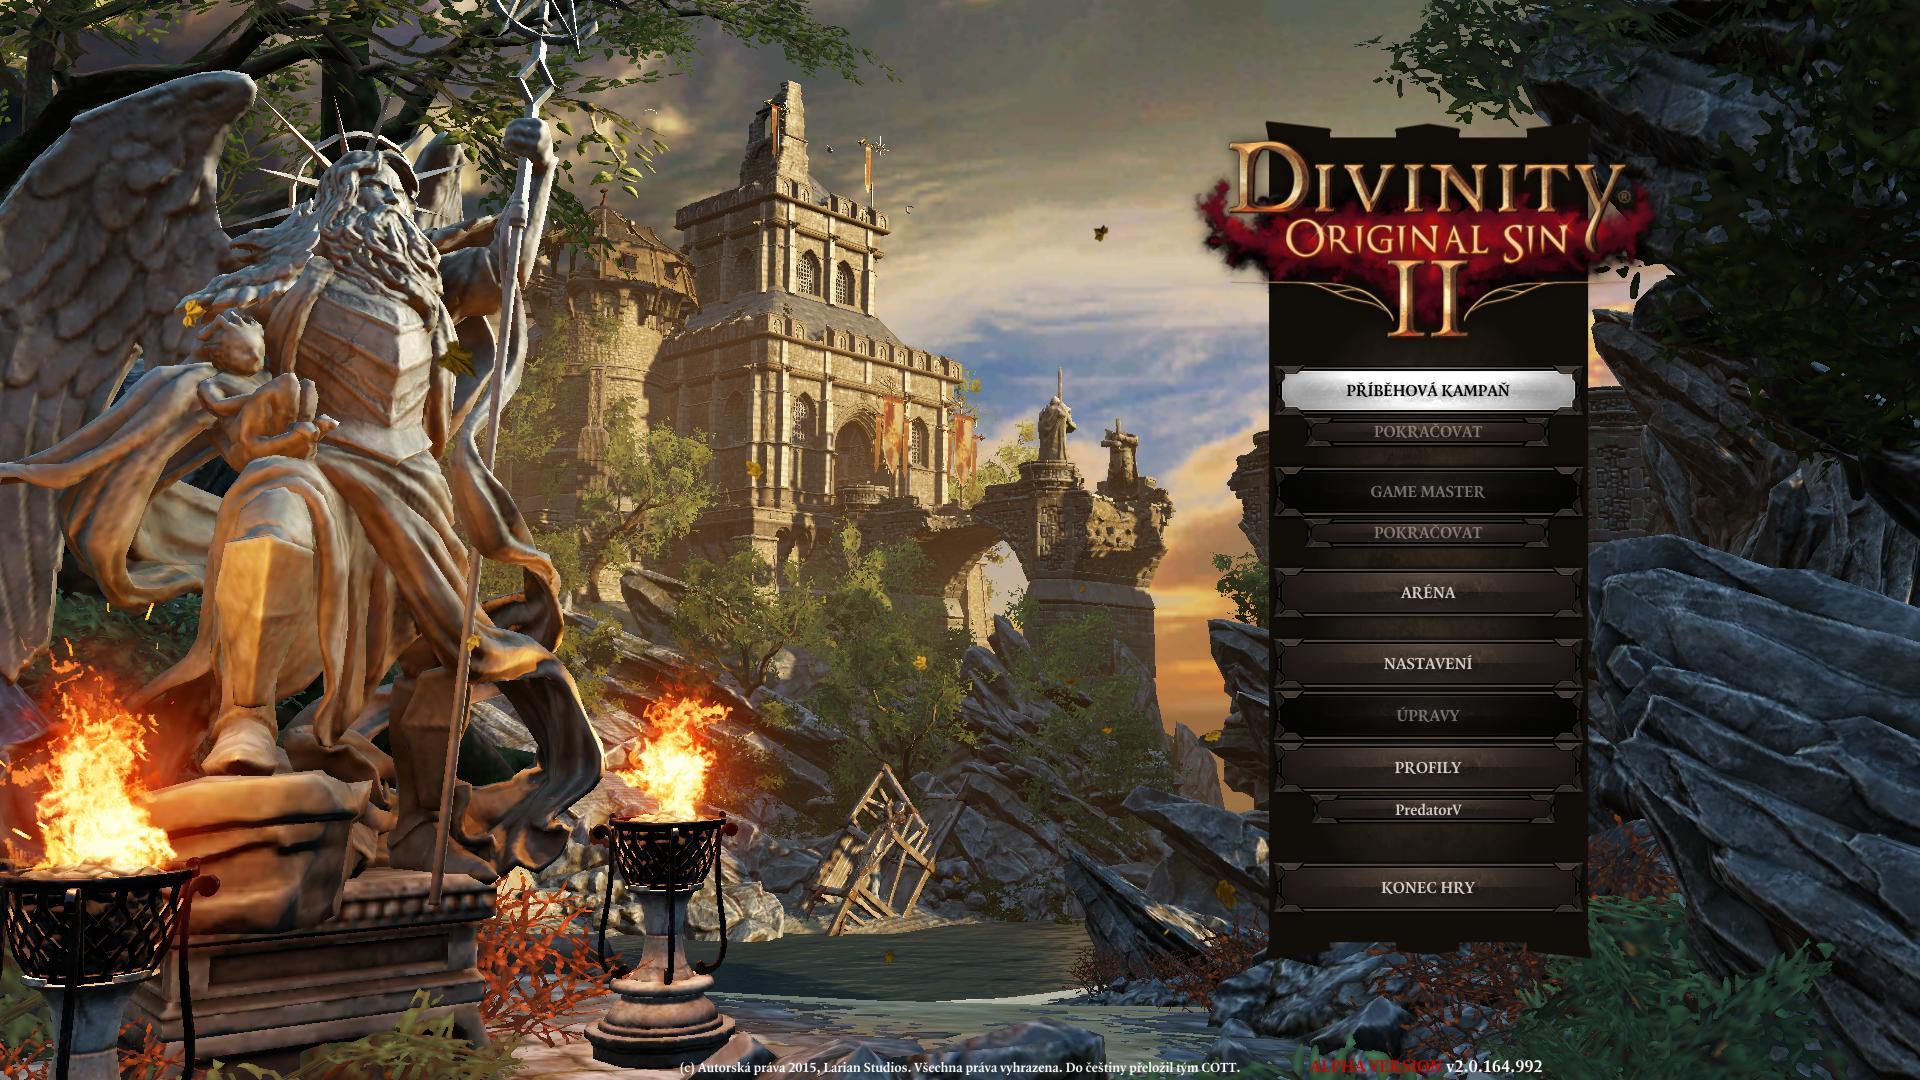 Zahájen překlad Divinity: Original Sin 2 130920